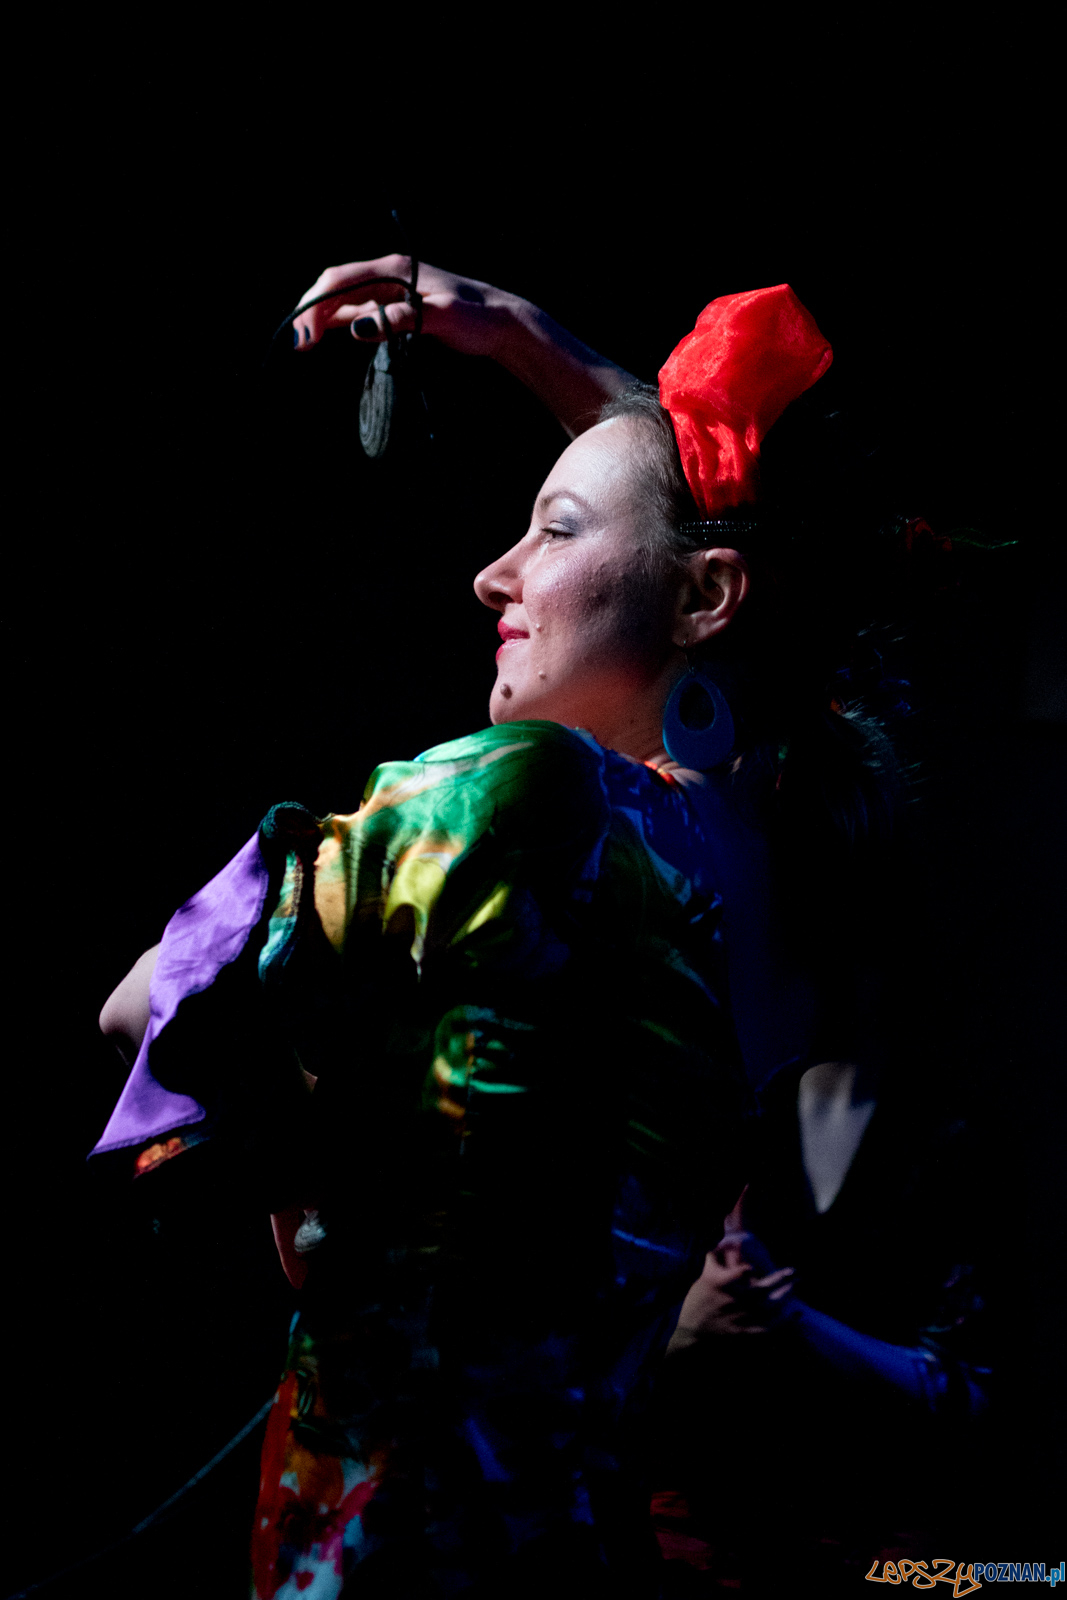 Entre Flamencos – koncert muzyki i tańca flamenco  Foto: lepszyPOZNAN.pl / Ewelina Jaśkowiak